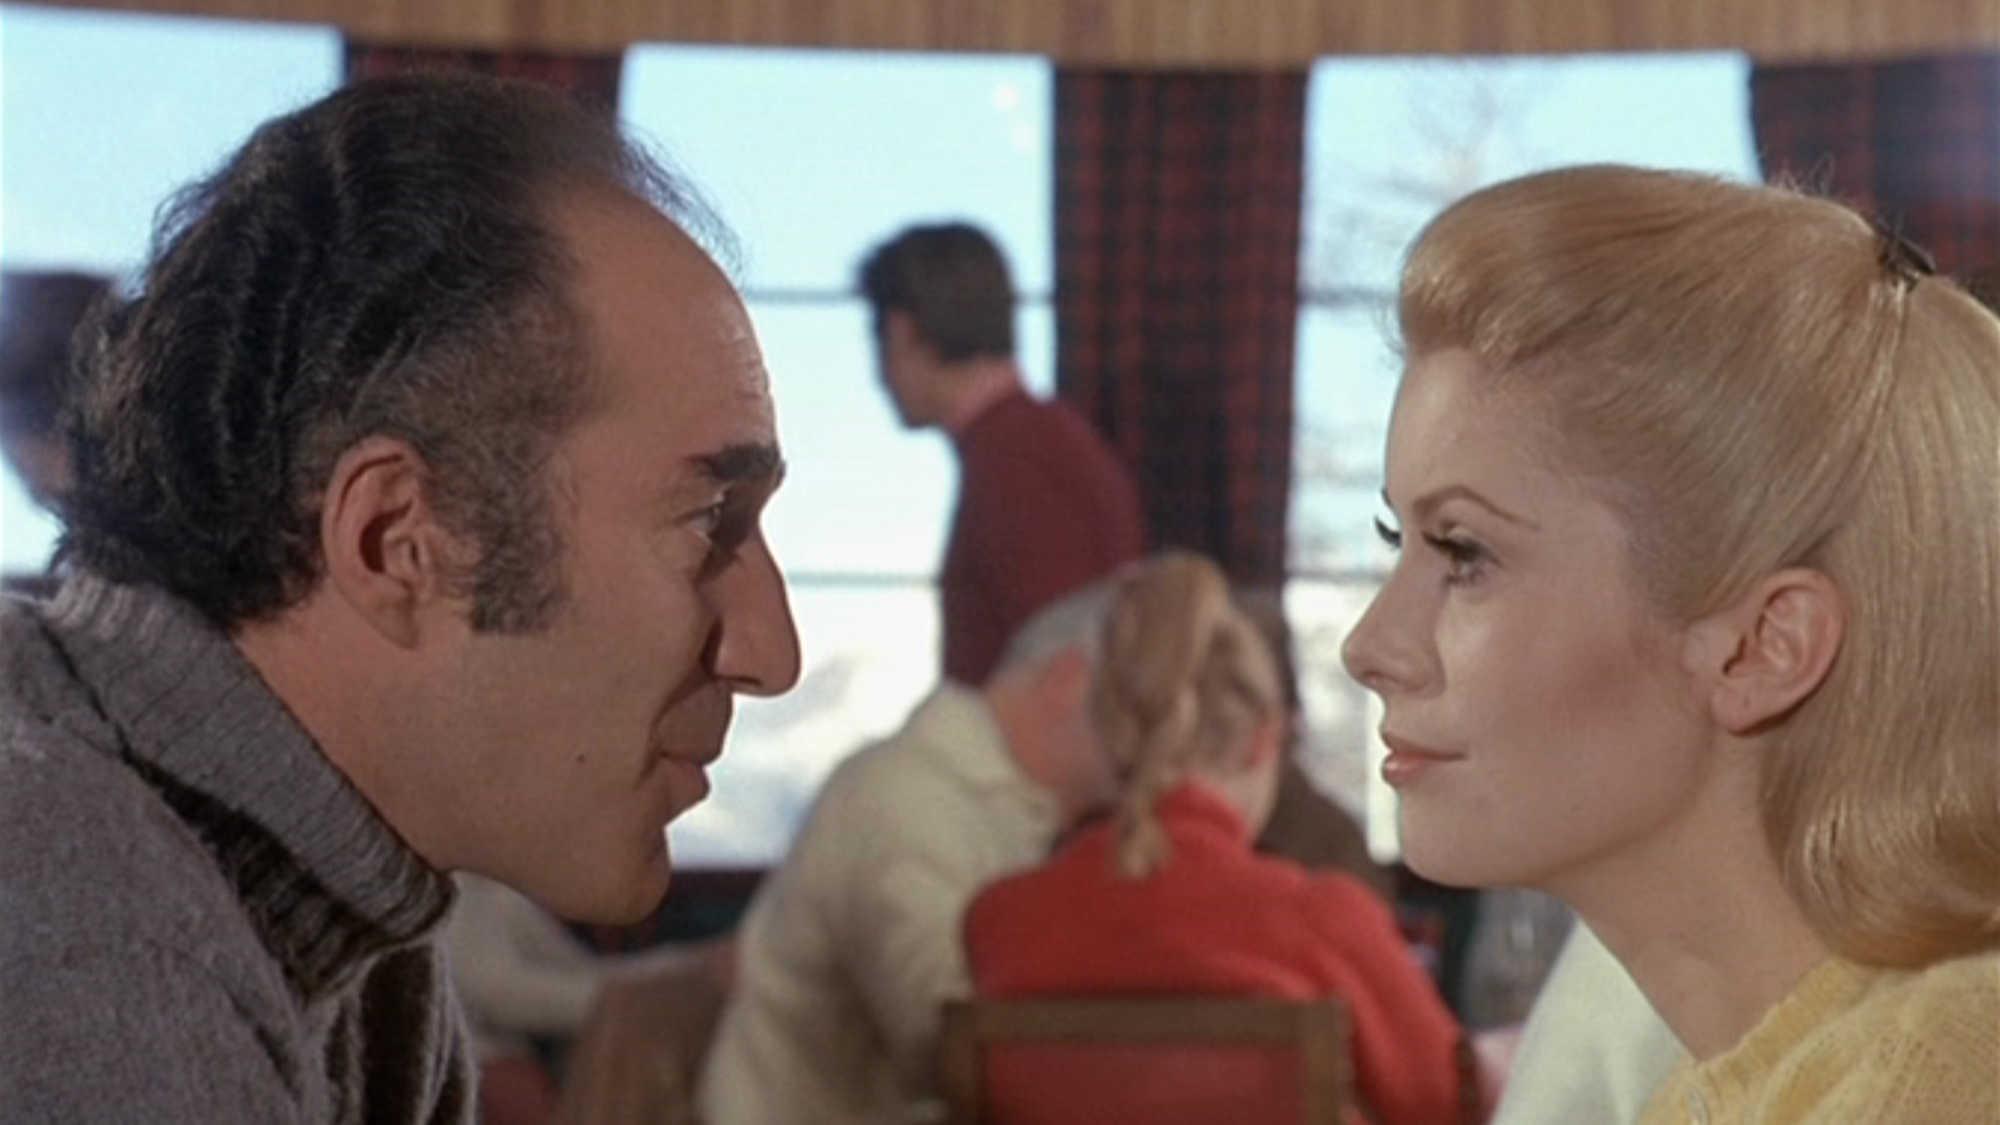 Belle de jour (1967) | The Criterion Collection